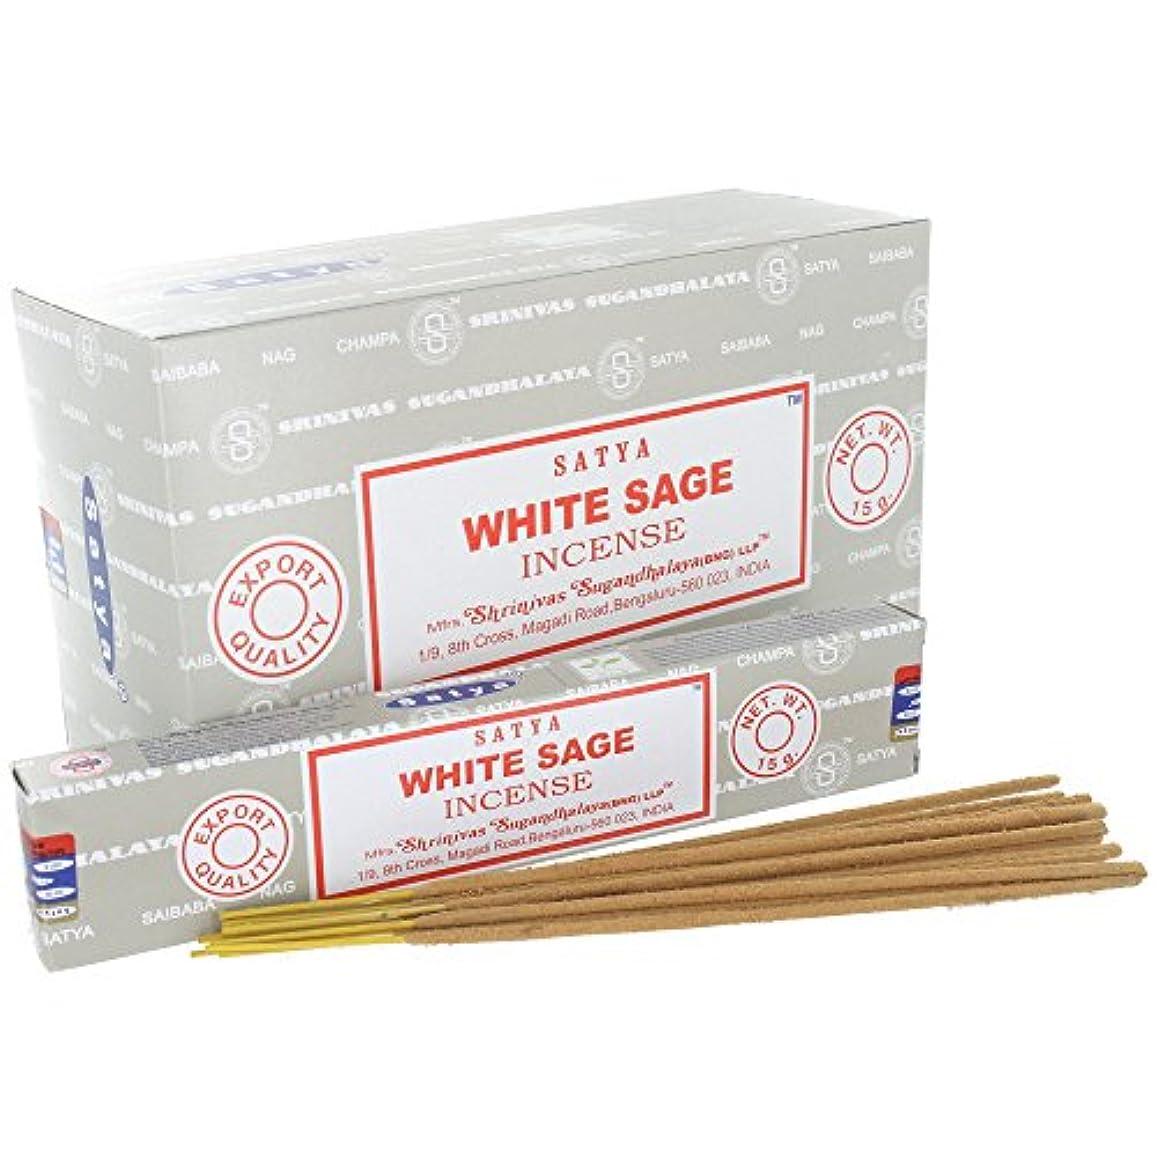 正当なソブリケット短命Satya White Sage Incense Sticks (Box) 15g X 12 = 180g